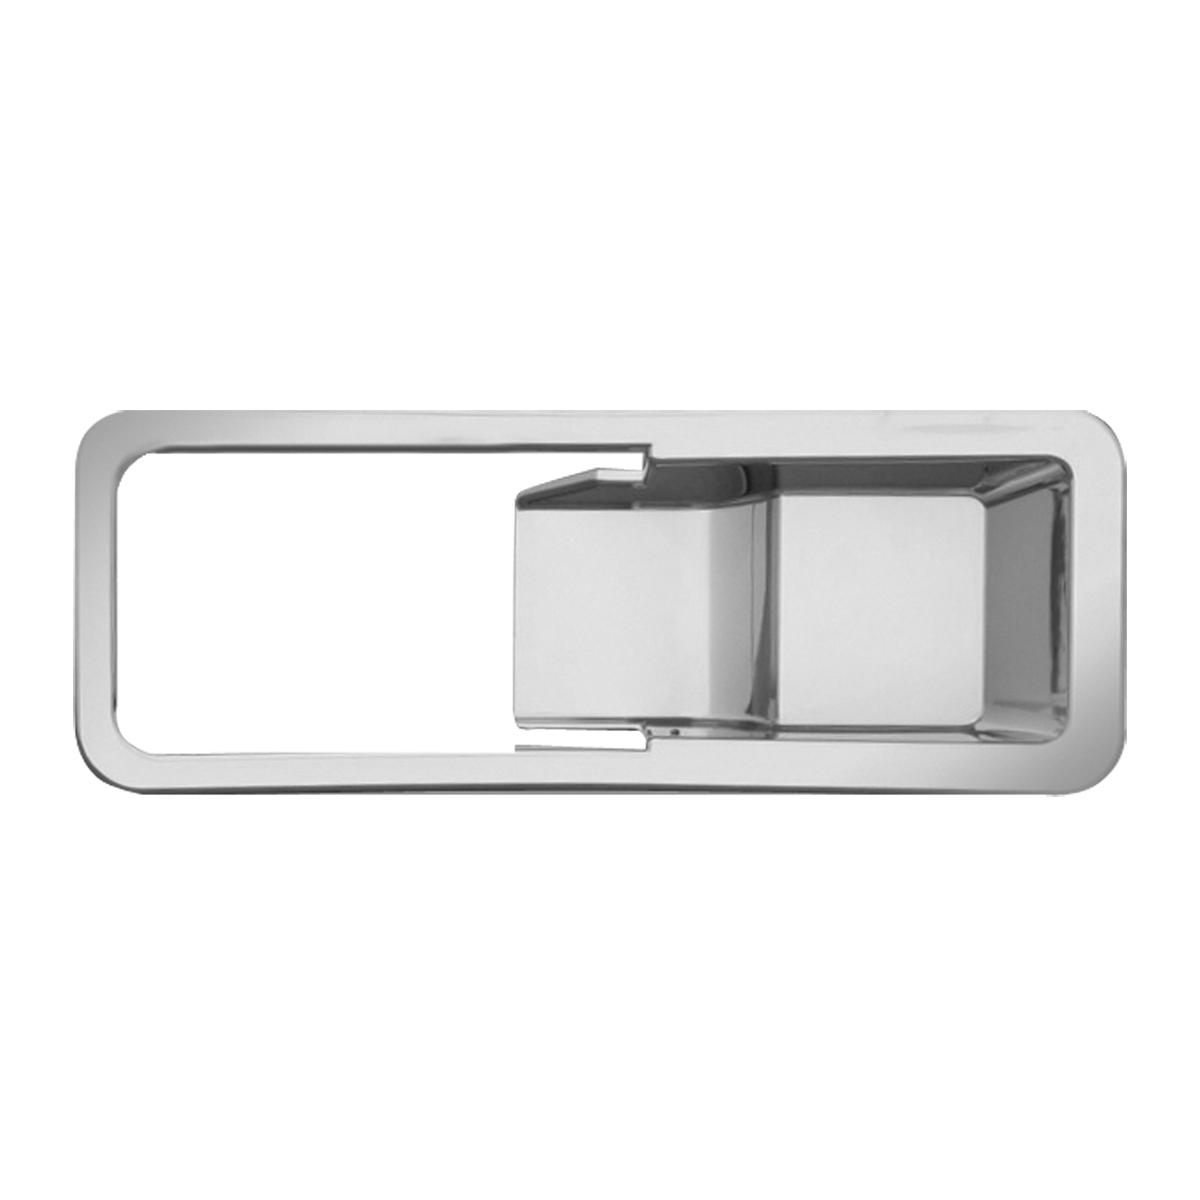 69002 INT Interior Door Handle Trim for Passenger Side